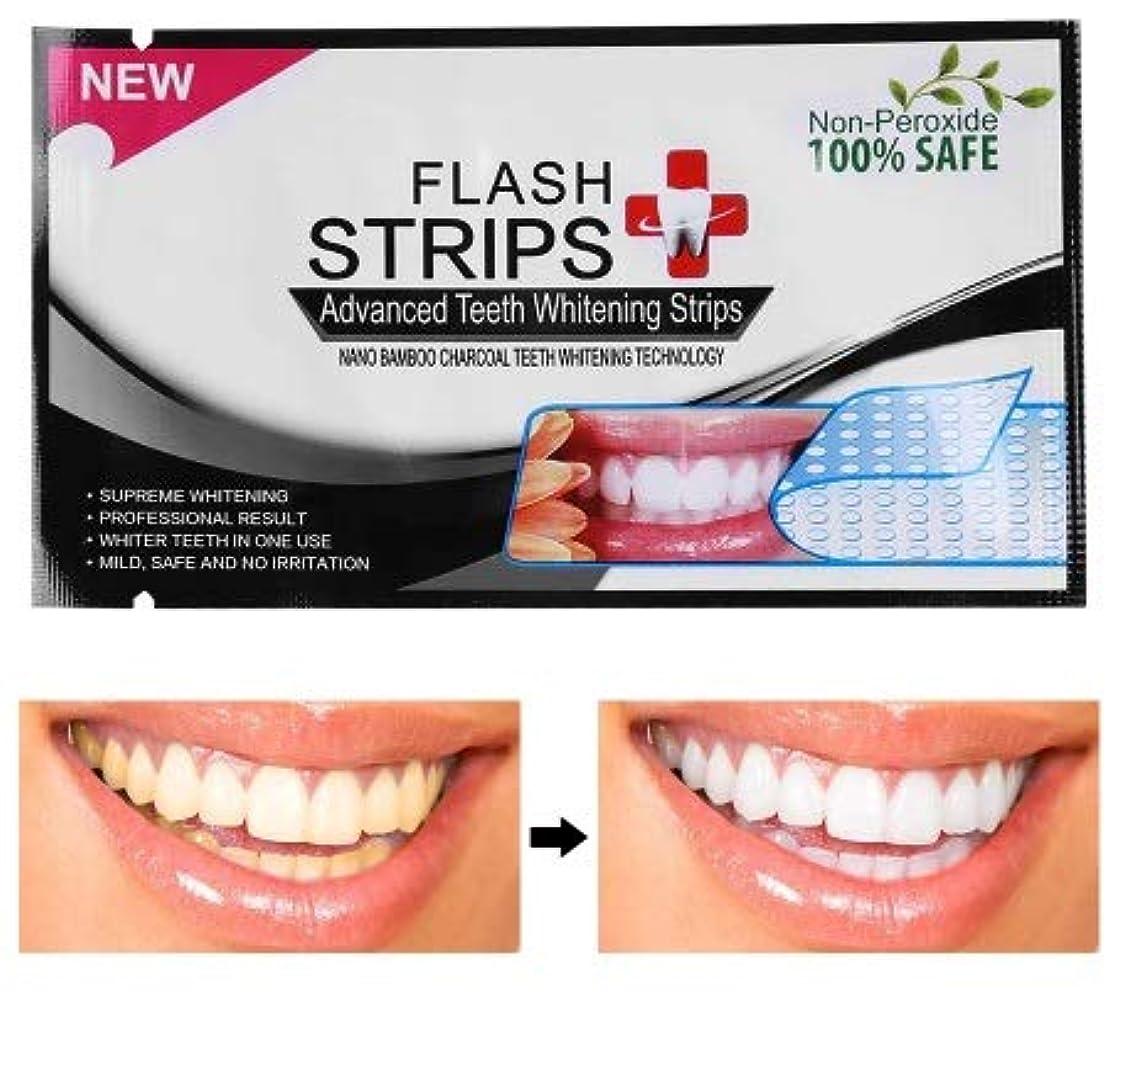 ガレージ発行するボランティアIzmirli- Flash 28Pcs/14pouches 3D White Gel Teeth Whitening Strips Tooth Dental kit Oral Hygiene Strip - 28Pcs...